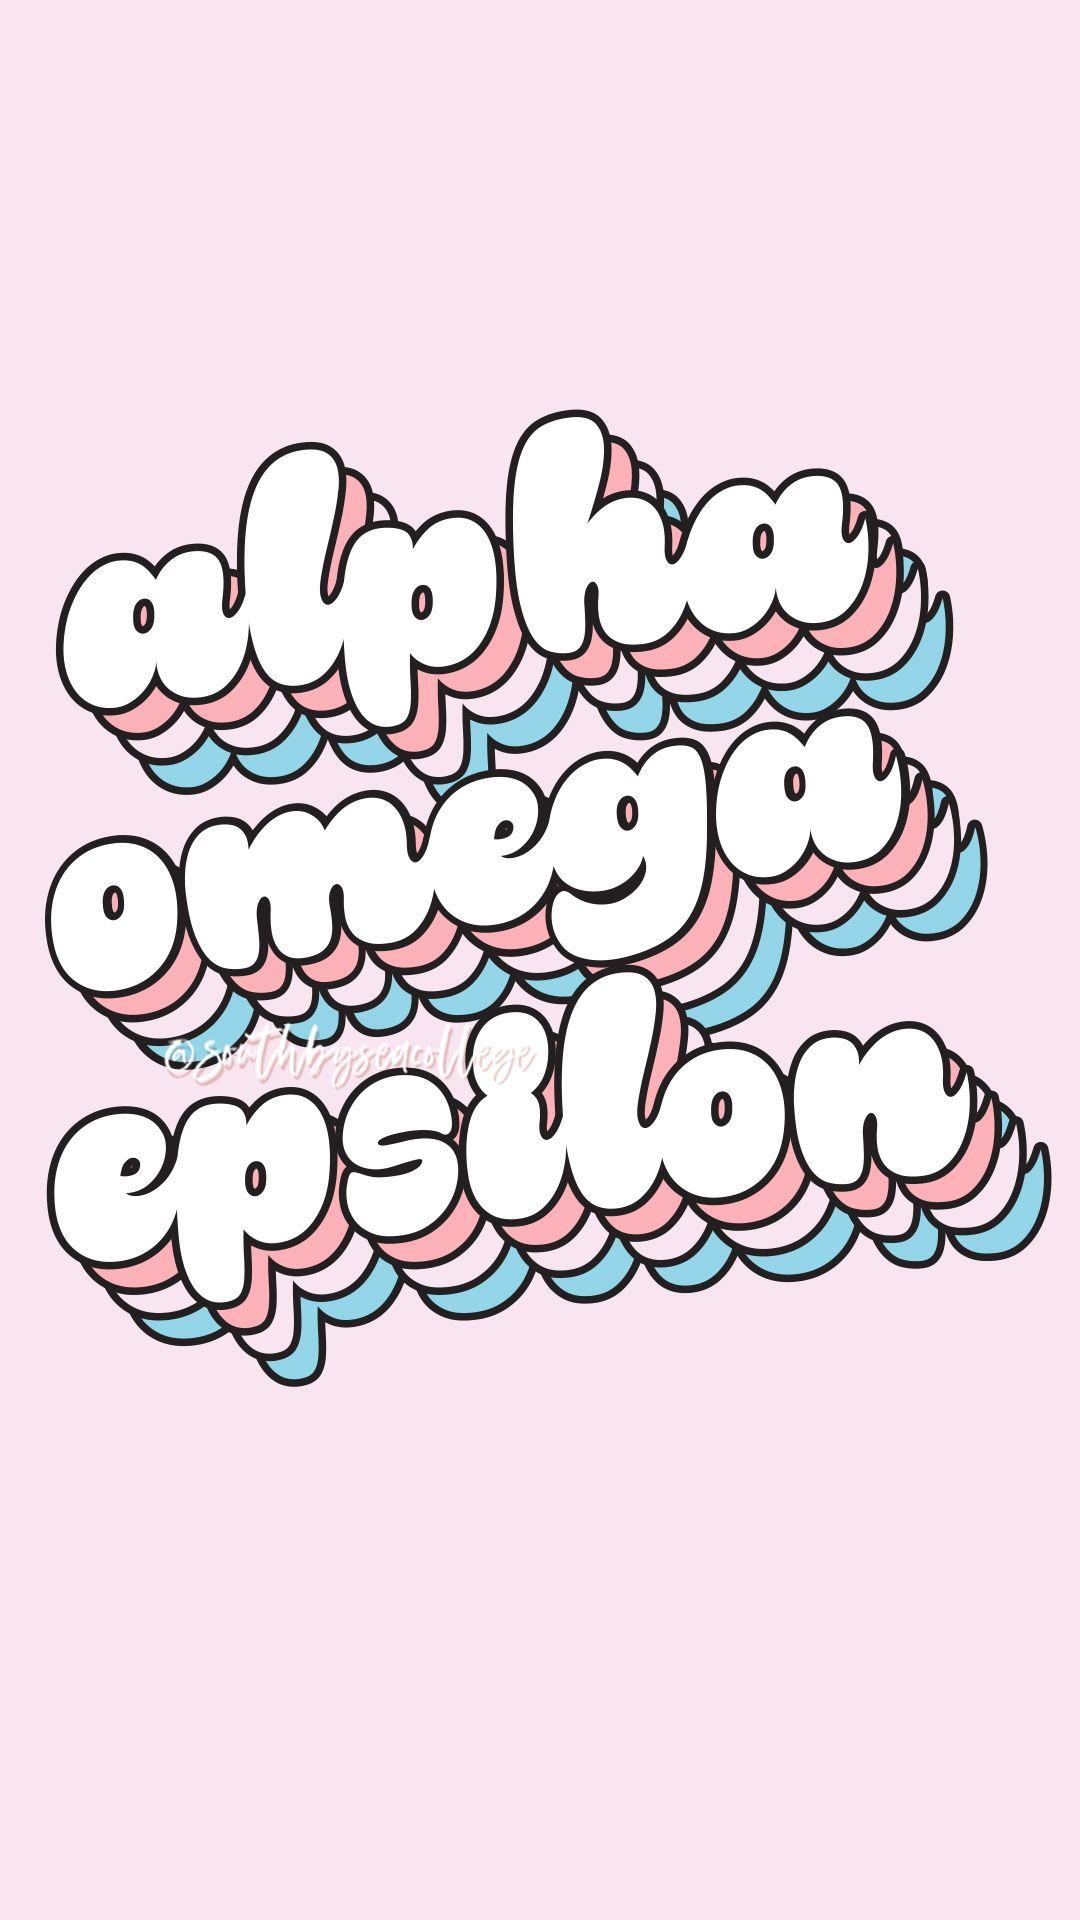 Alpha omega epsilon clipart svg free download SOUTH BY SEA   @southbyseacollege ✰ Alpha Omega Epsilon   AOE ... svg free download